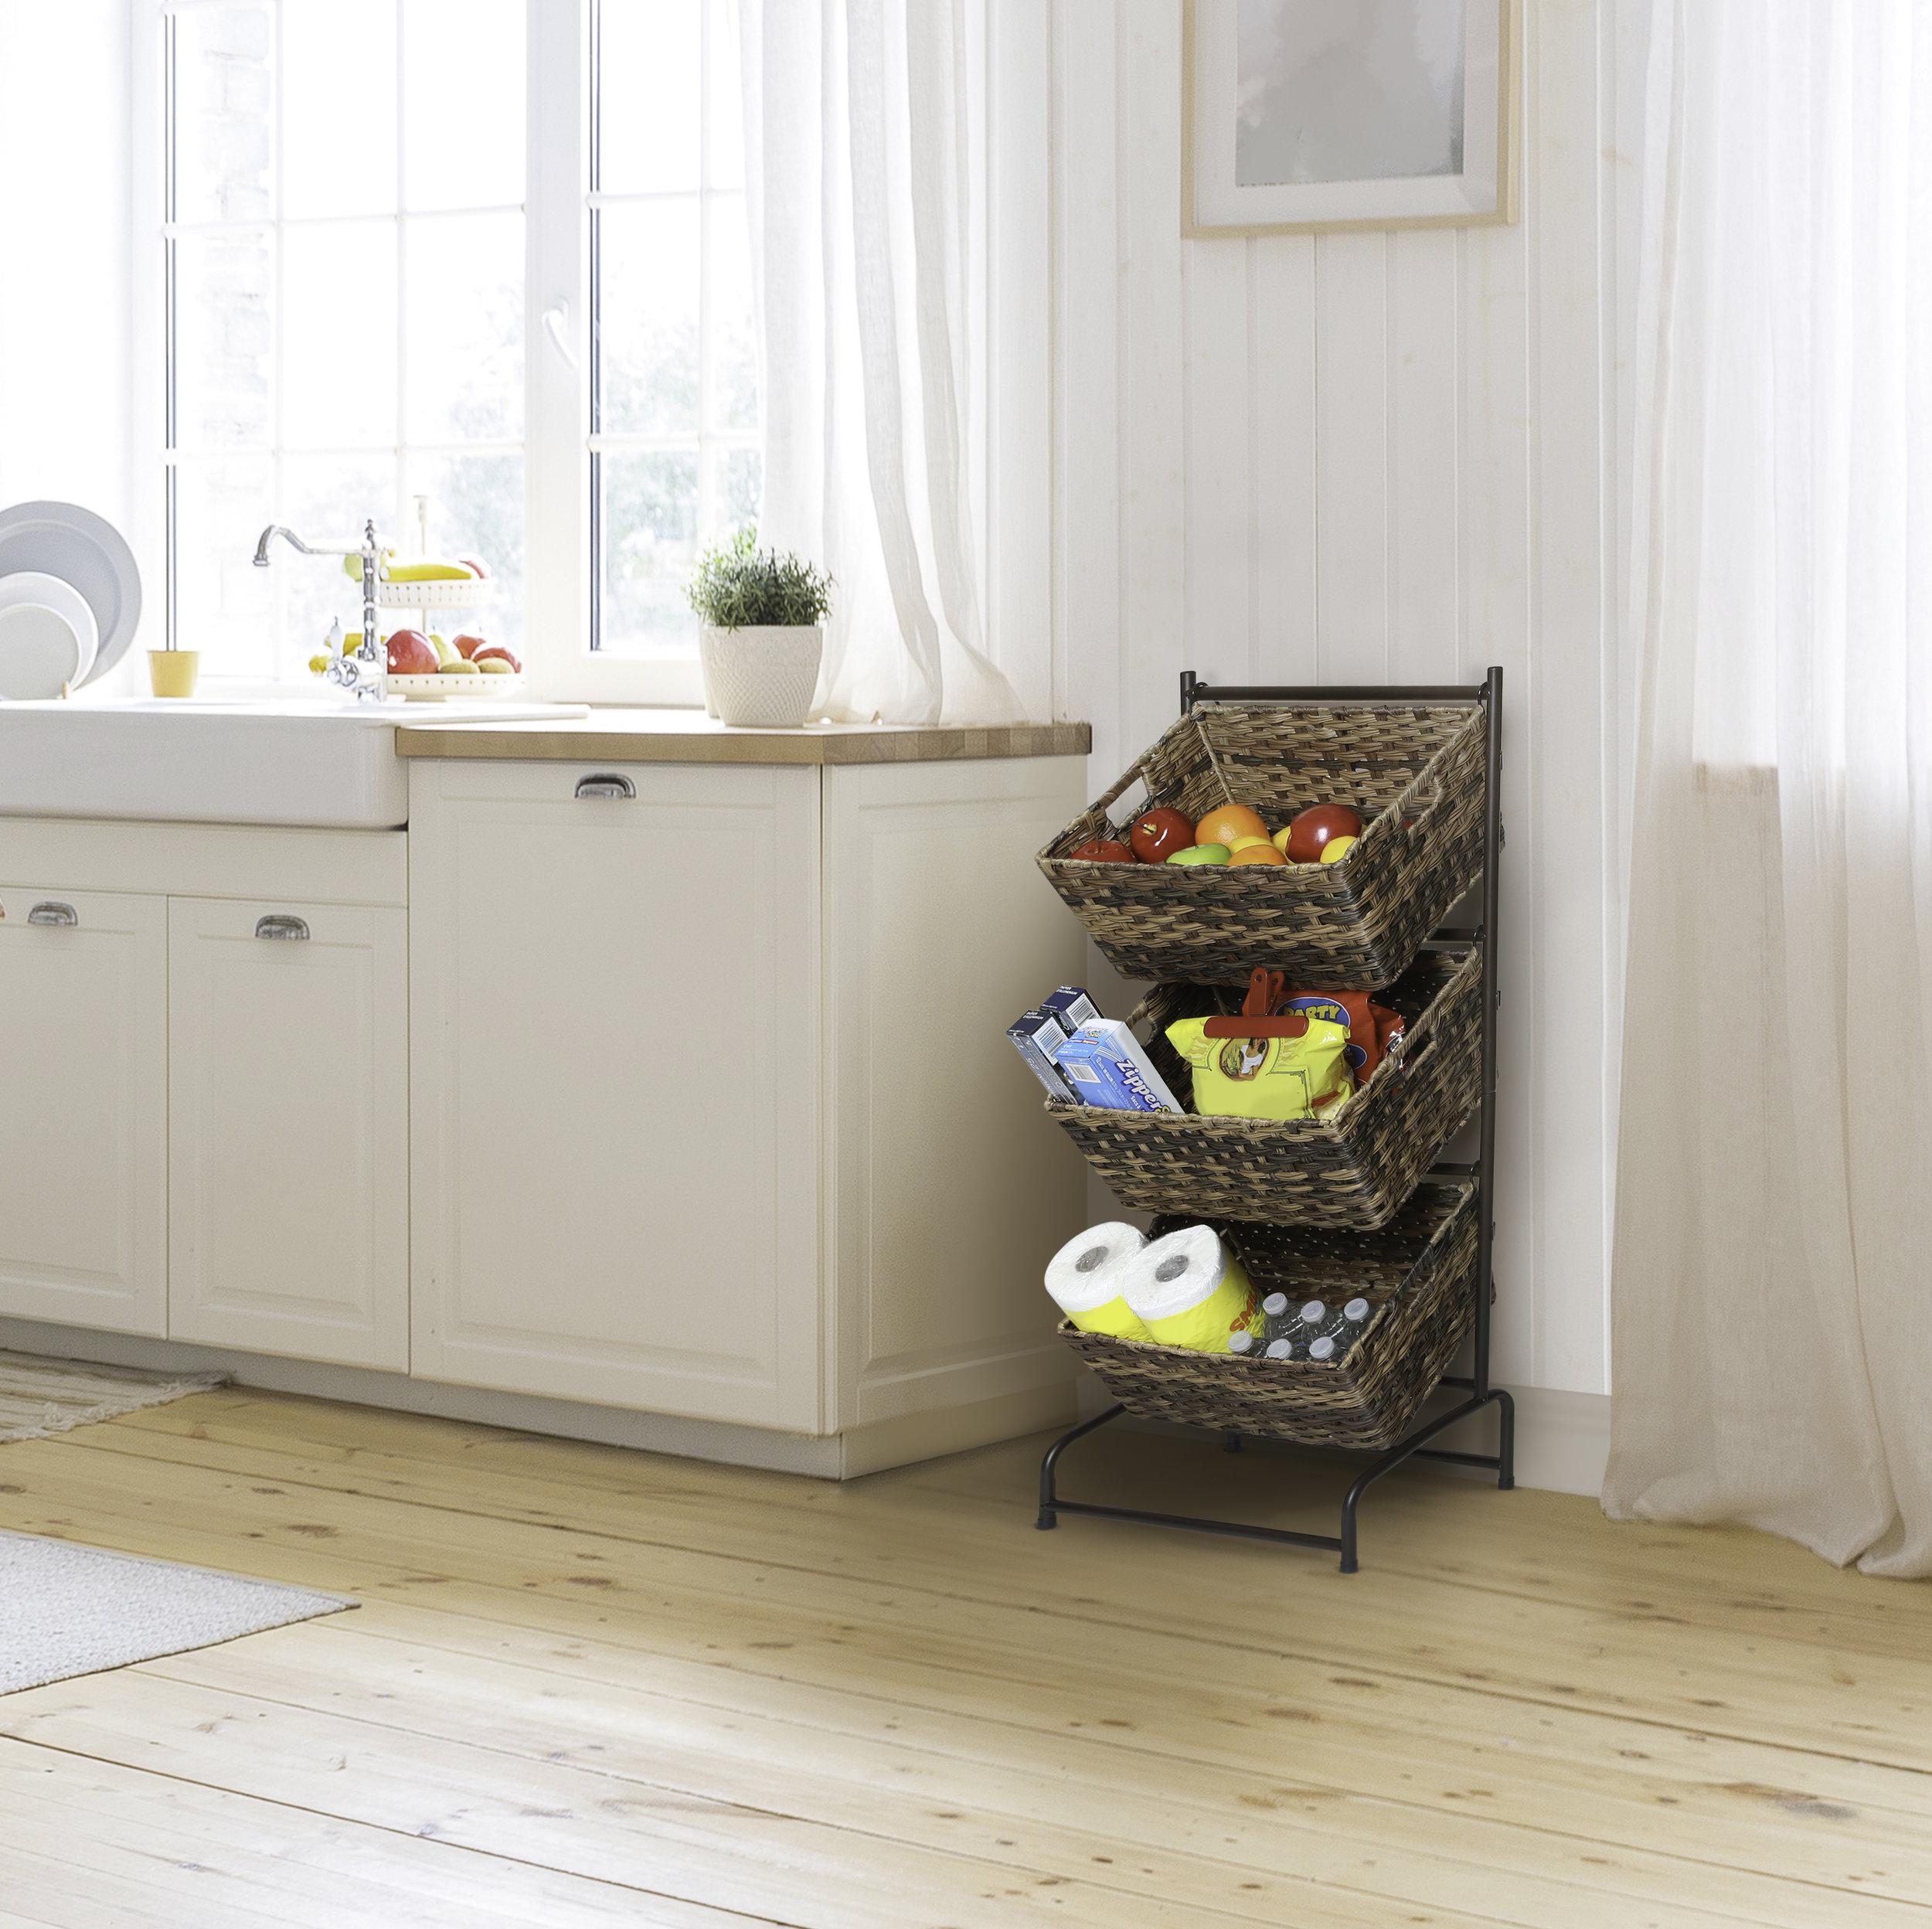 06894_3tierorganizer_PEbaskets_lifestyle_kitchen.jpg